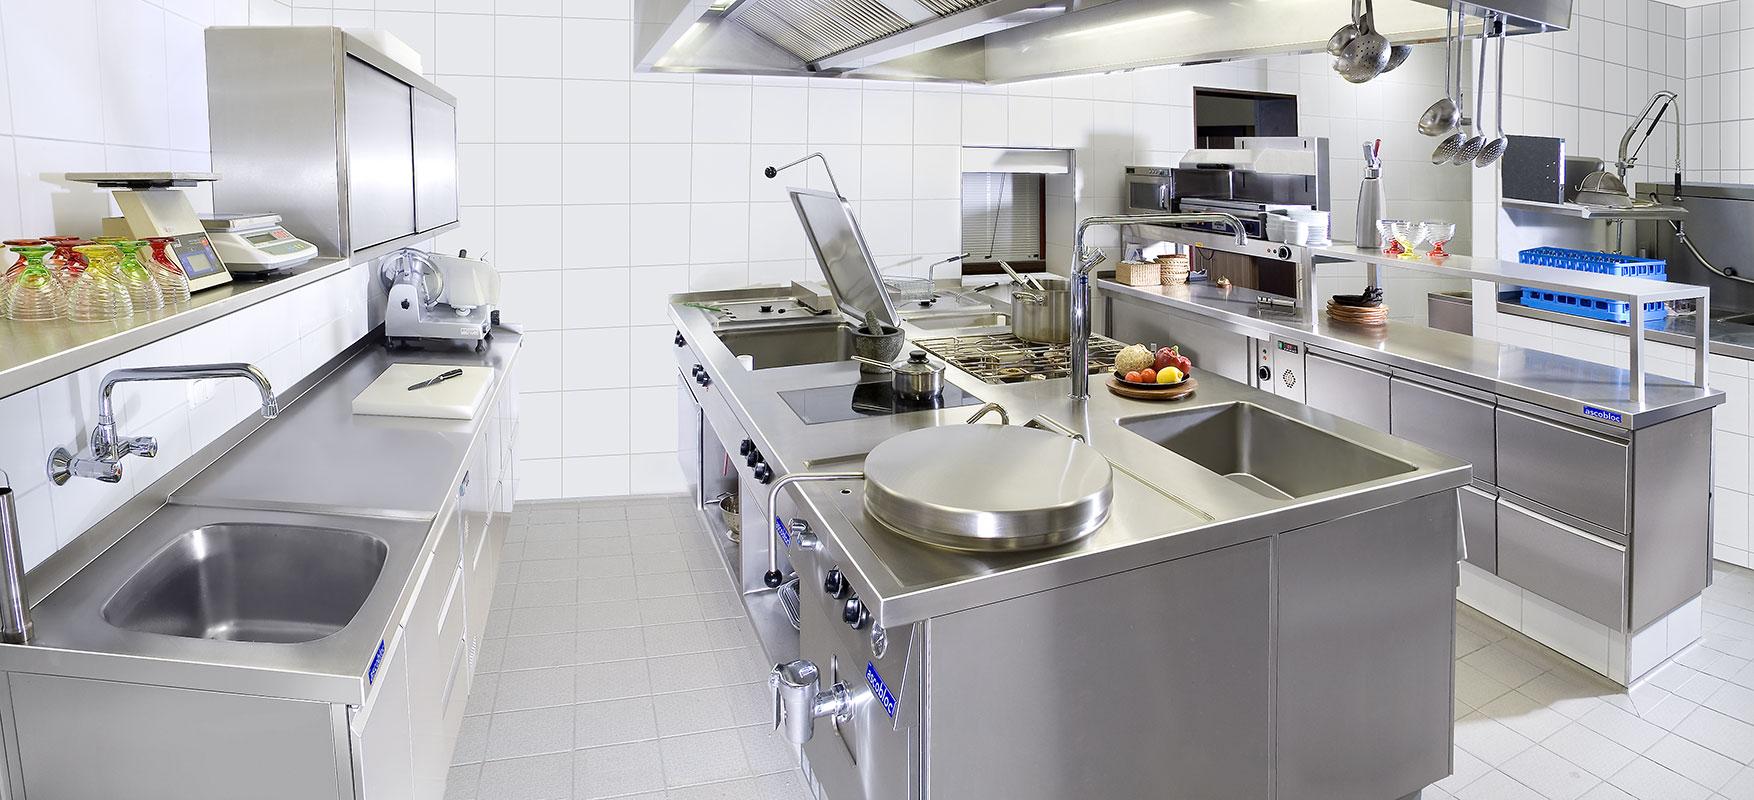 Full Size of Industrie Küche Reinigen Industrie Küche Kaufen Gleichzeitigkeitsfaktor Industrie Küche Industrie Küche Lüftung Küche Industrie Küche